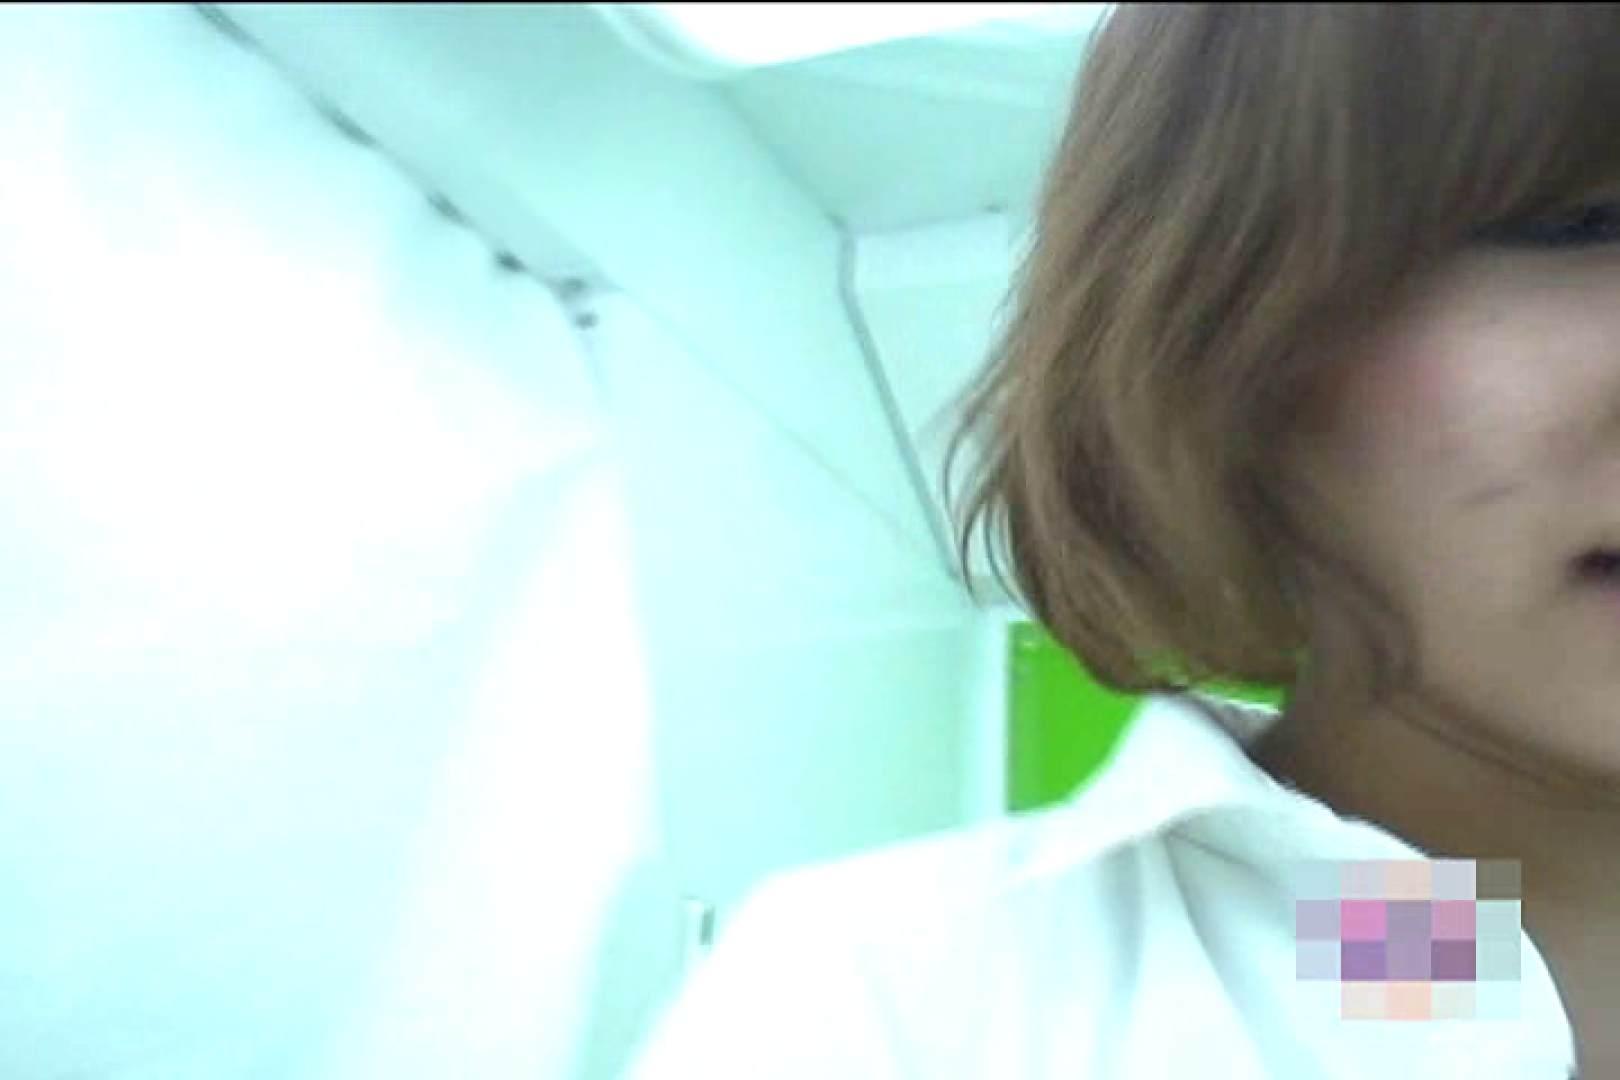 大胆露出胸チラギャル大量発生中!!Vol.6 OLヌード天国 オメコ動画キャプチャ 86PIX 37